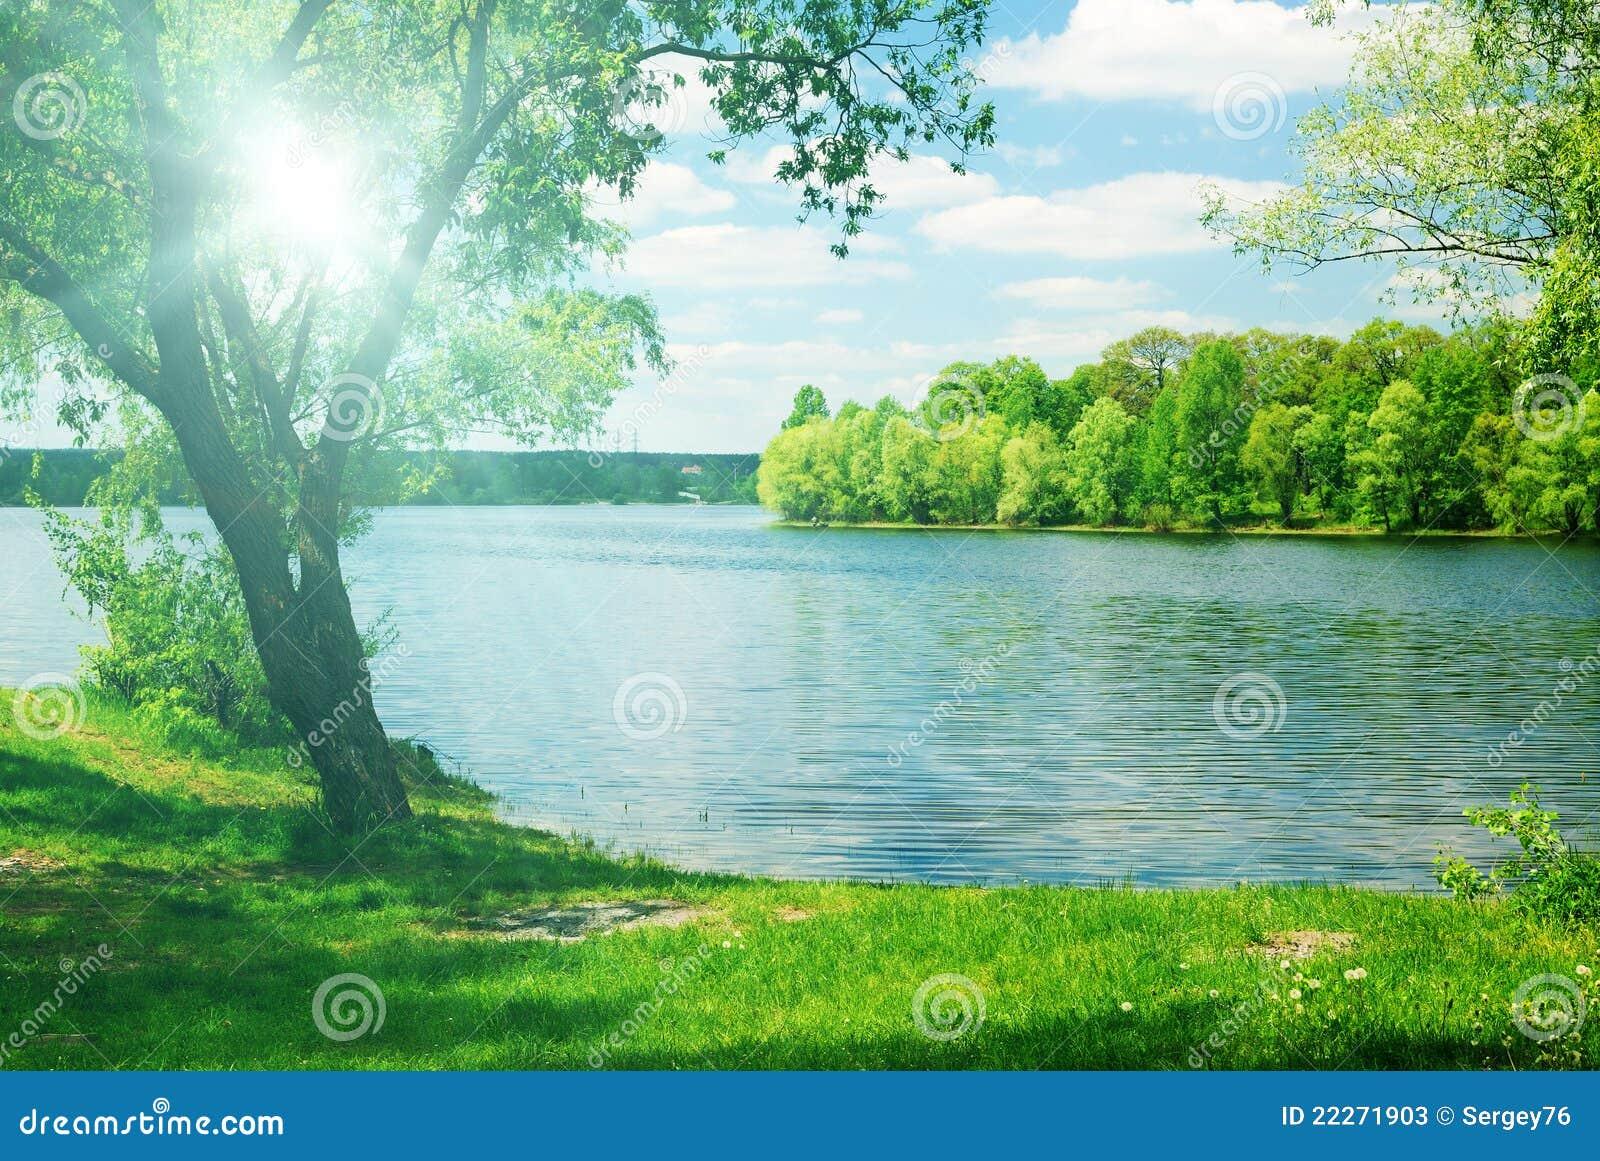 Luz del sol brillante y árbol verde